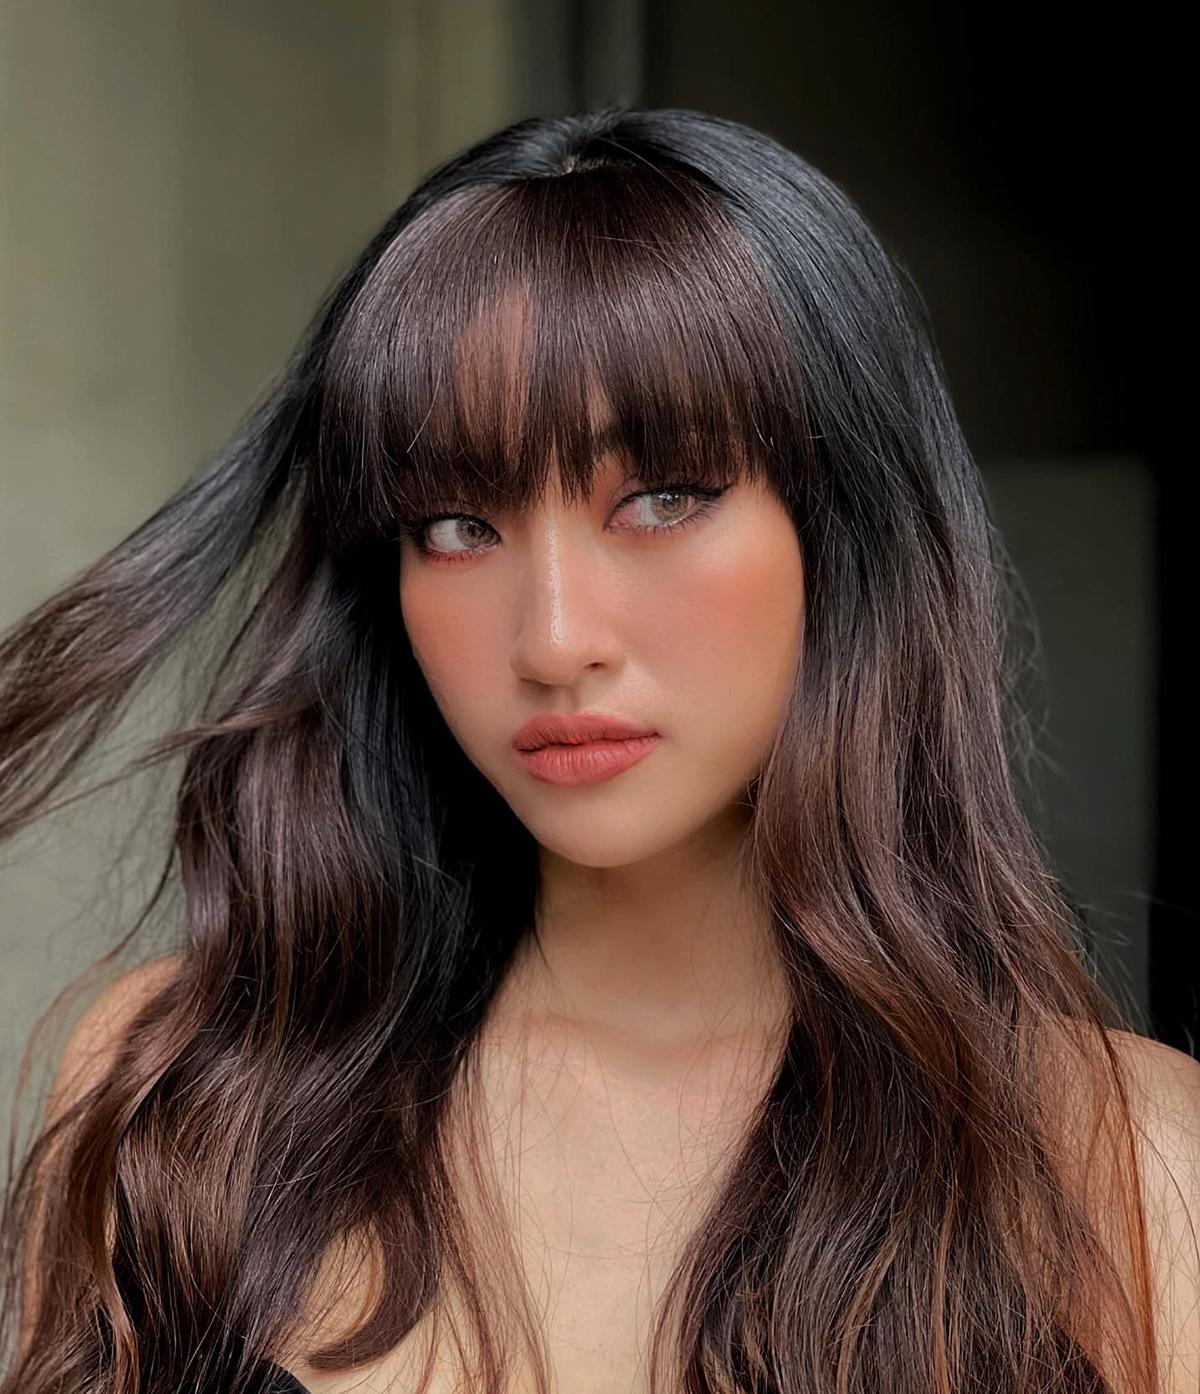 Khi trang điểm với son hồng nude, mỹ nhân Việt thường kẻ eyeliner đậm và nhấn mạnh tay hơn ở phần má, gương mặt vì vậy không bị nhạt nhòa, nhợt nhạt.